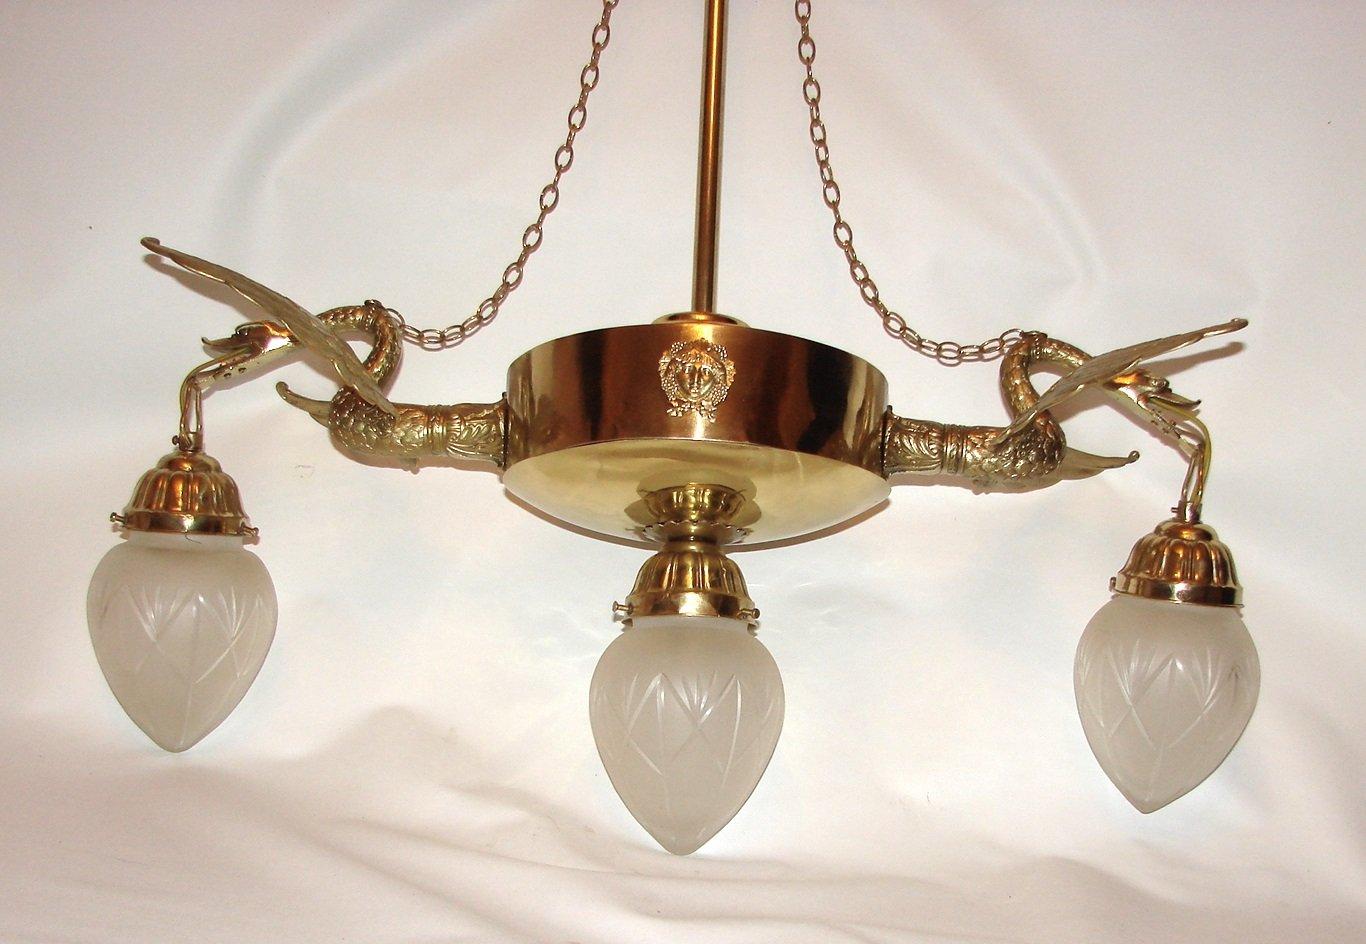 Lampadario In Legno Antico : Lampadari di legno lampadari lampadari di legno antichi